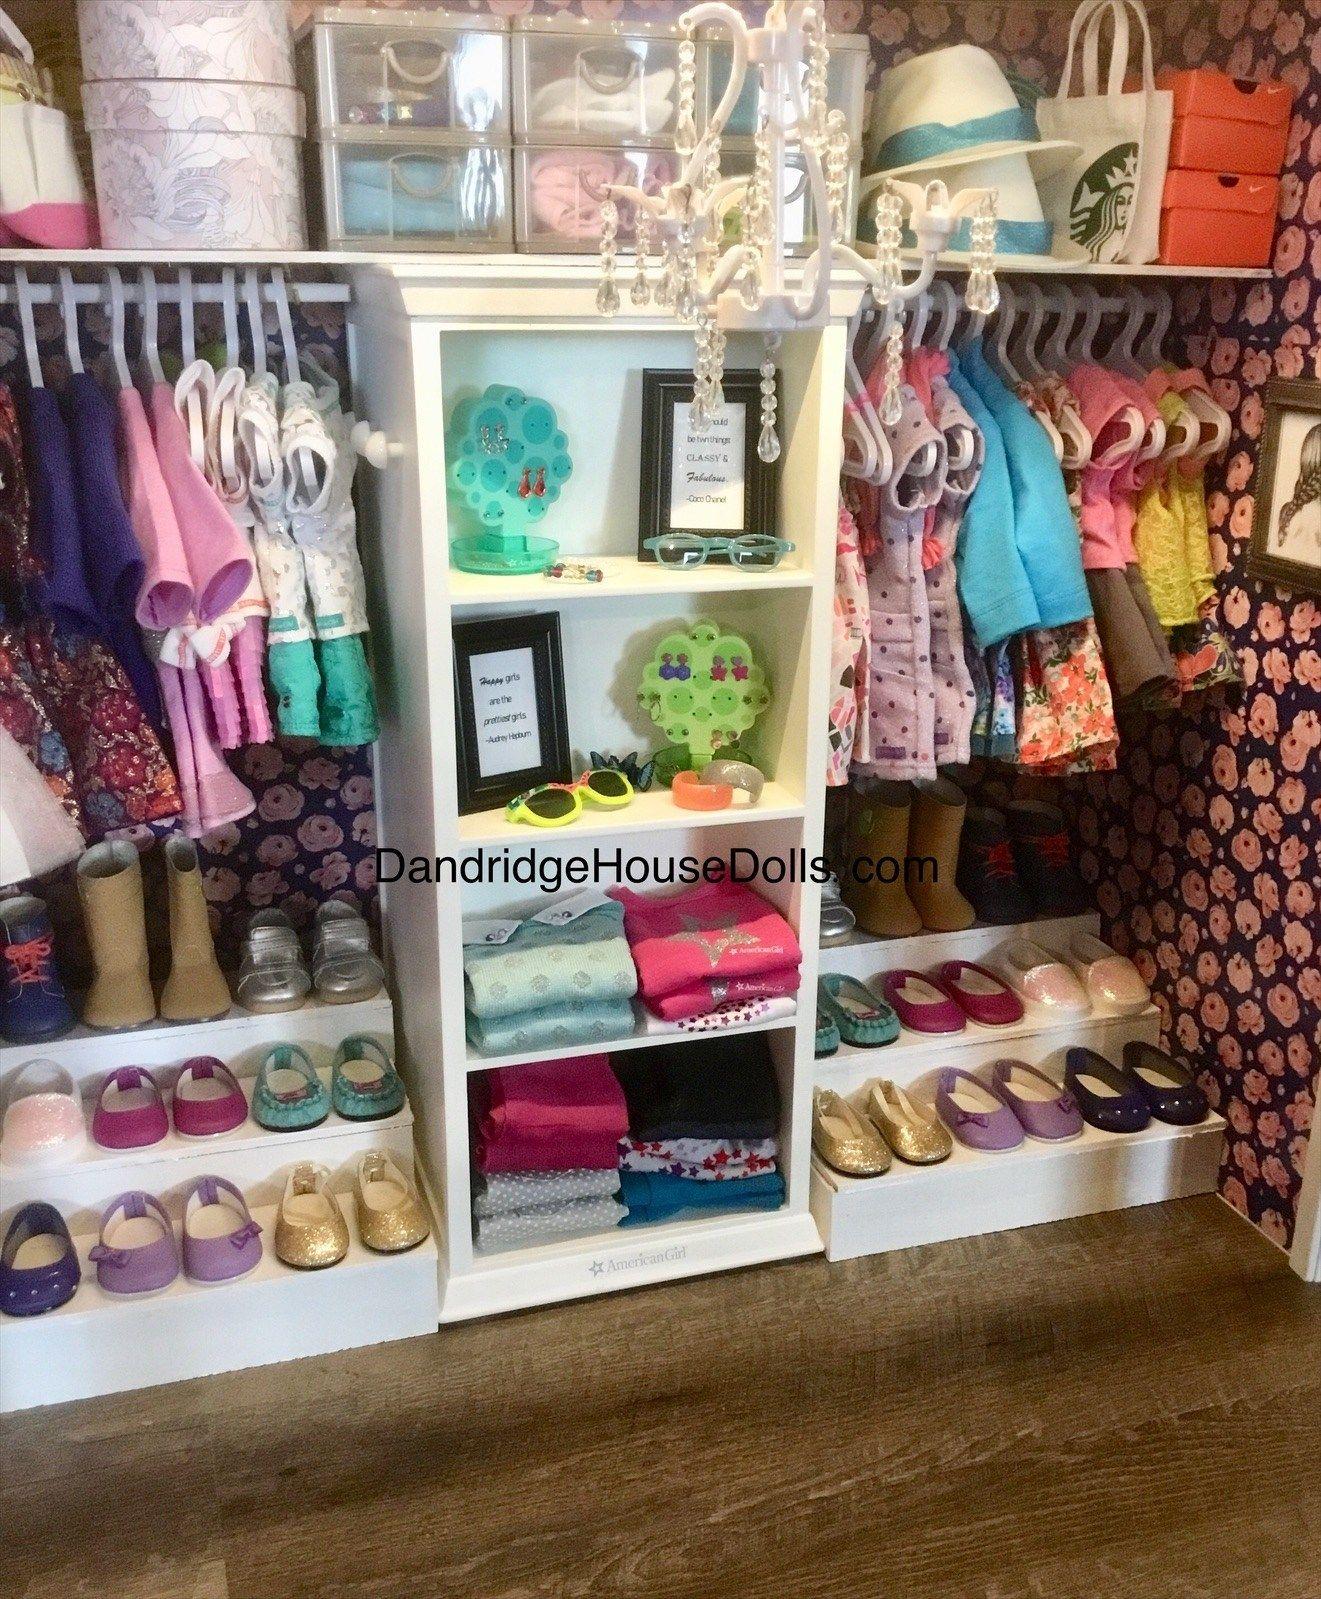 American Girl Doll Truly Me Dollhouse Emma & Ella's Walk-In Closet | Dandridge House Dolls #americangirldollcrafts